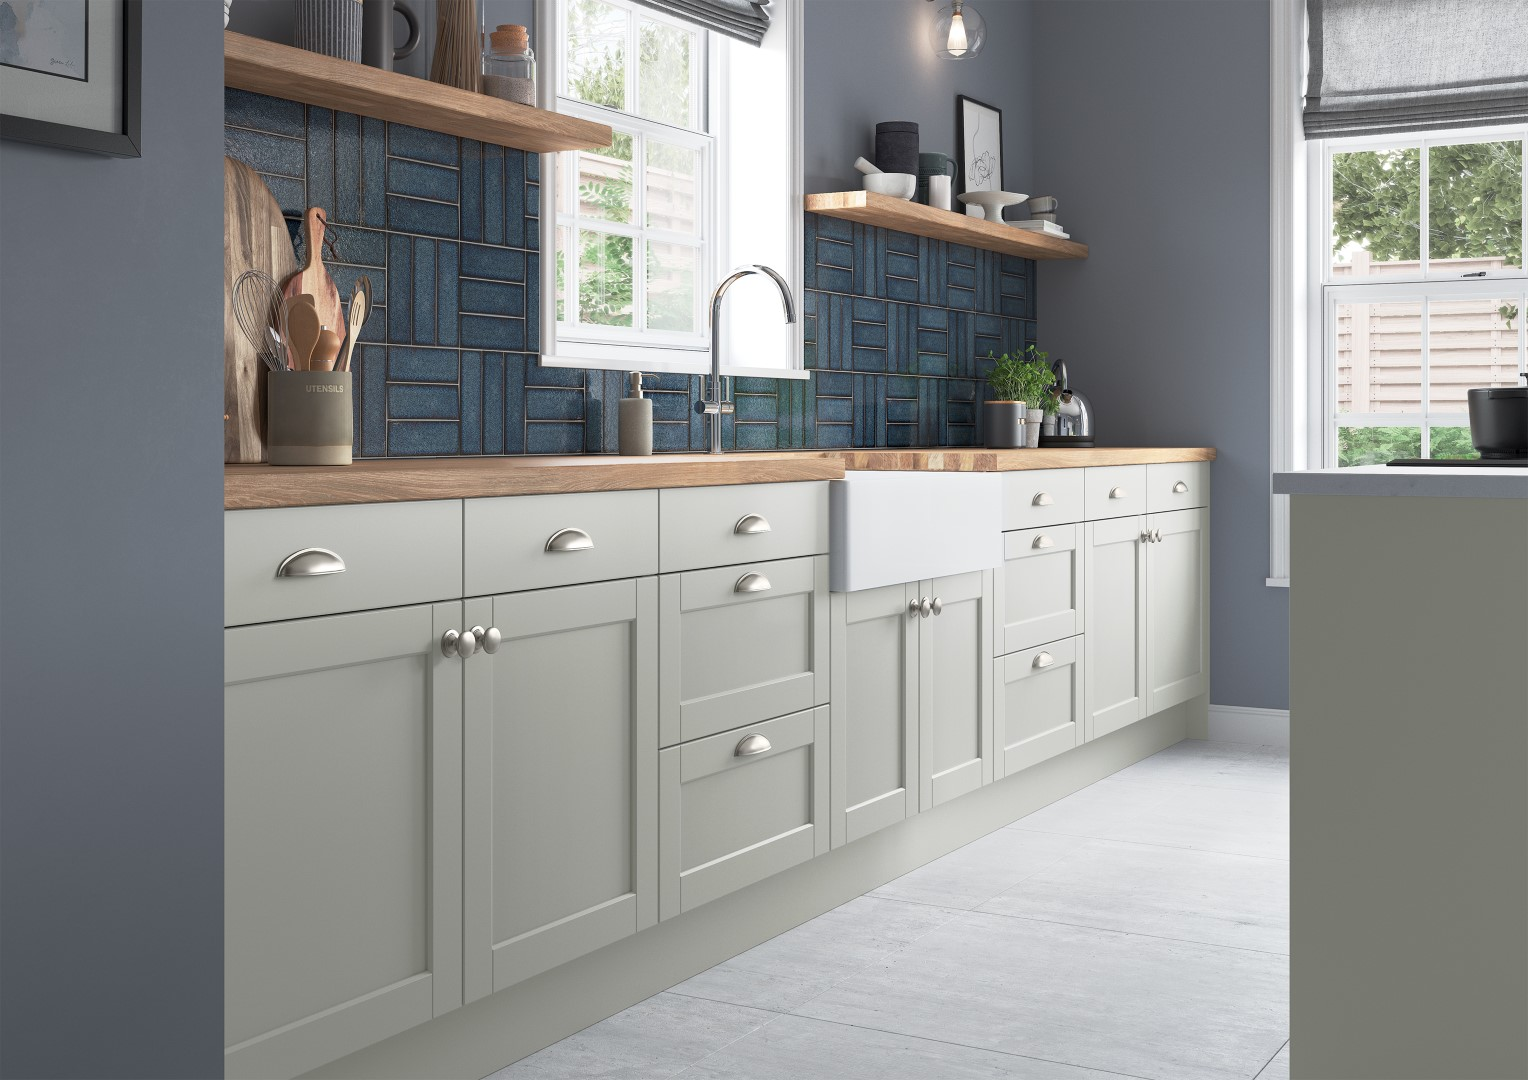 Dawson Light Grey - Kitchen Design - Alan Kelly Kitchens - Waterford - 1